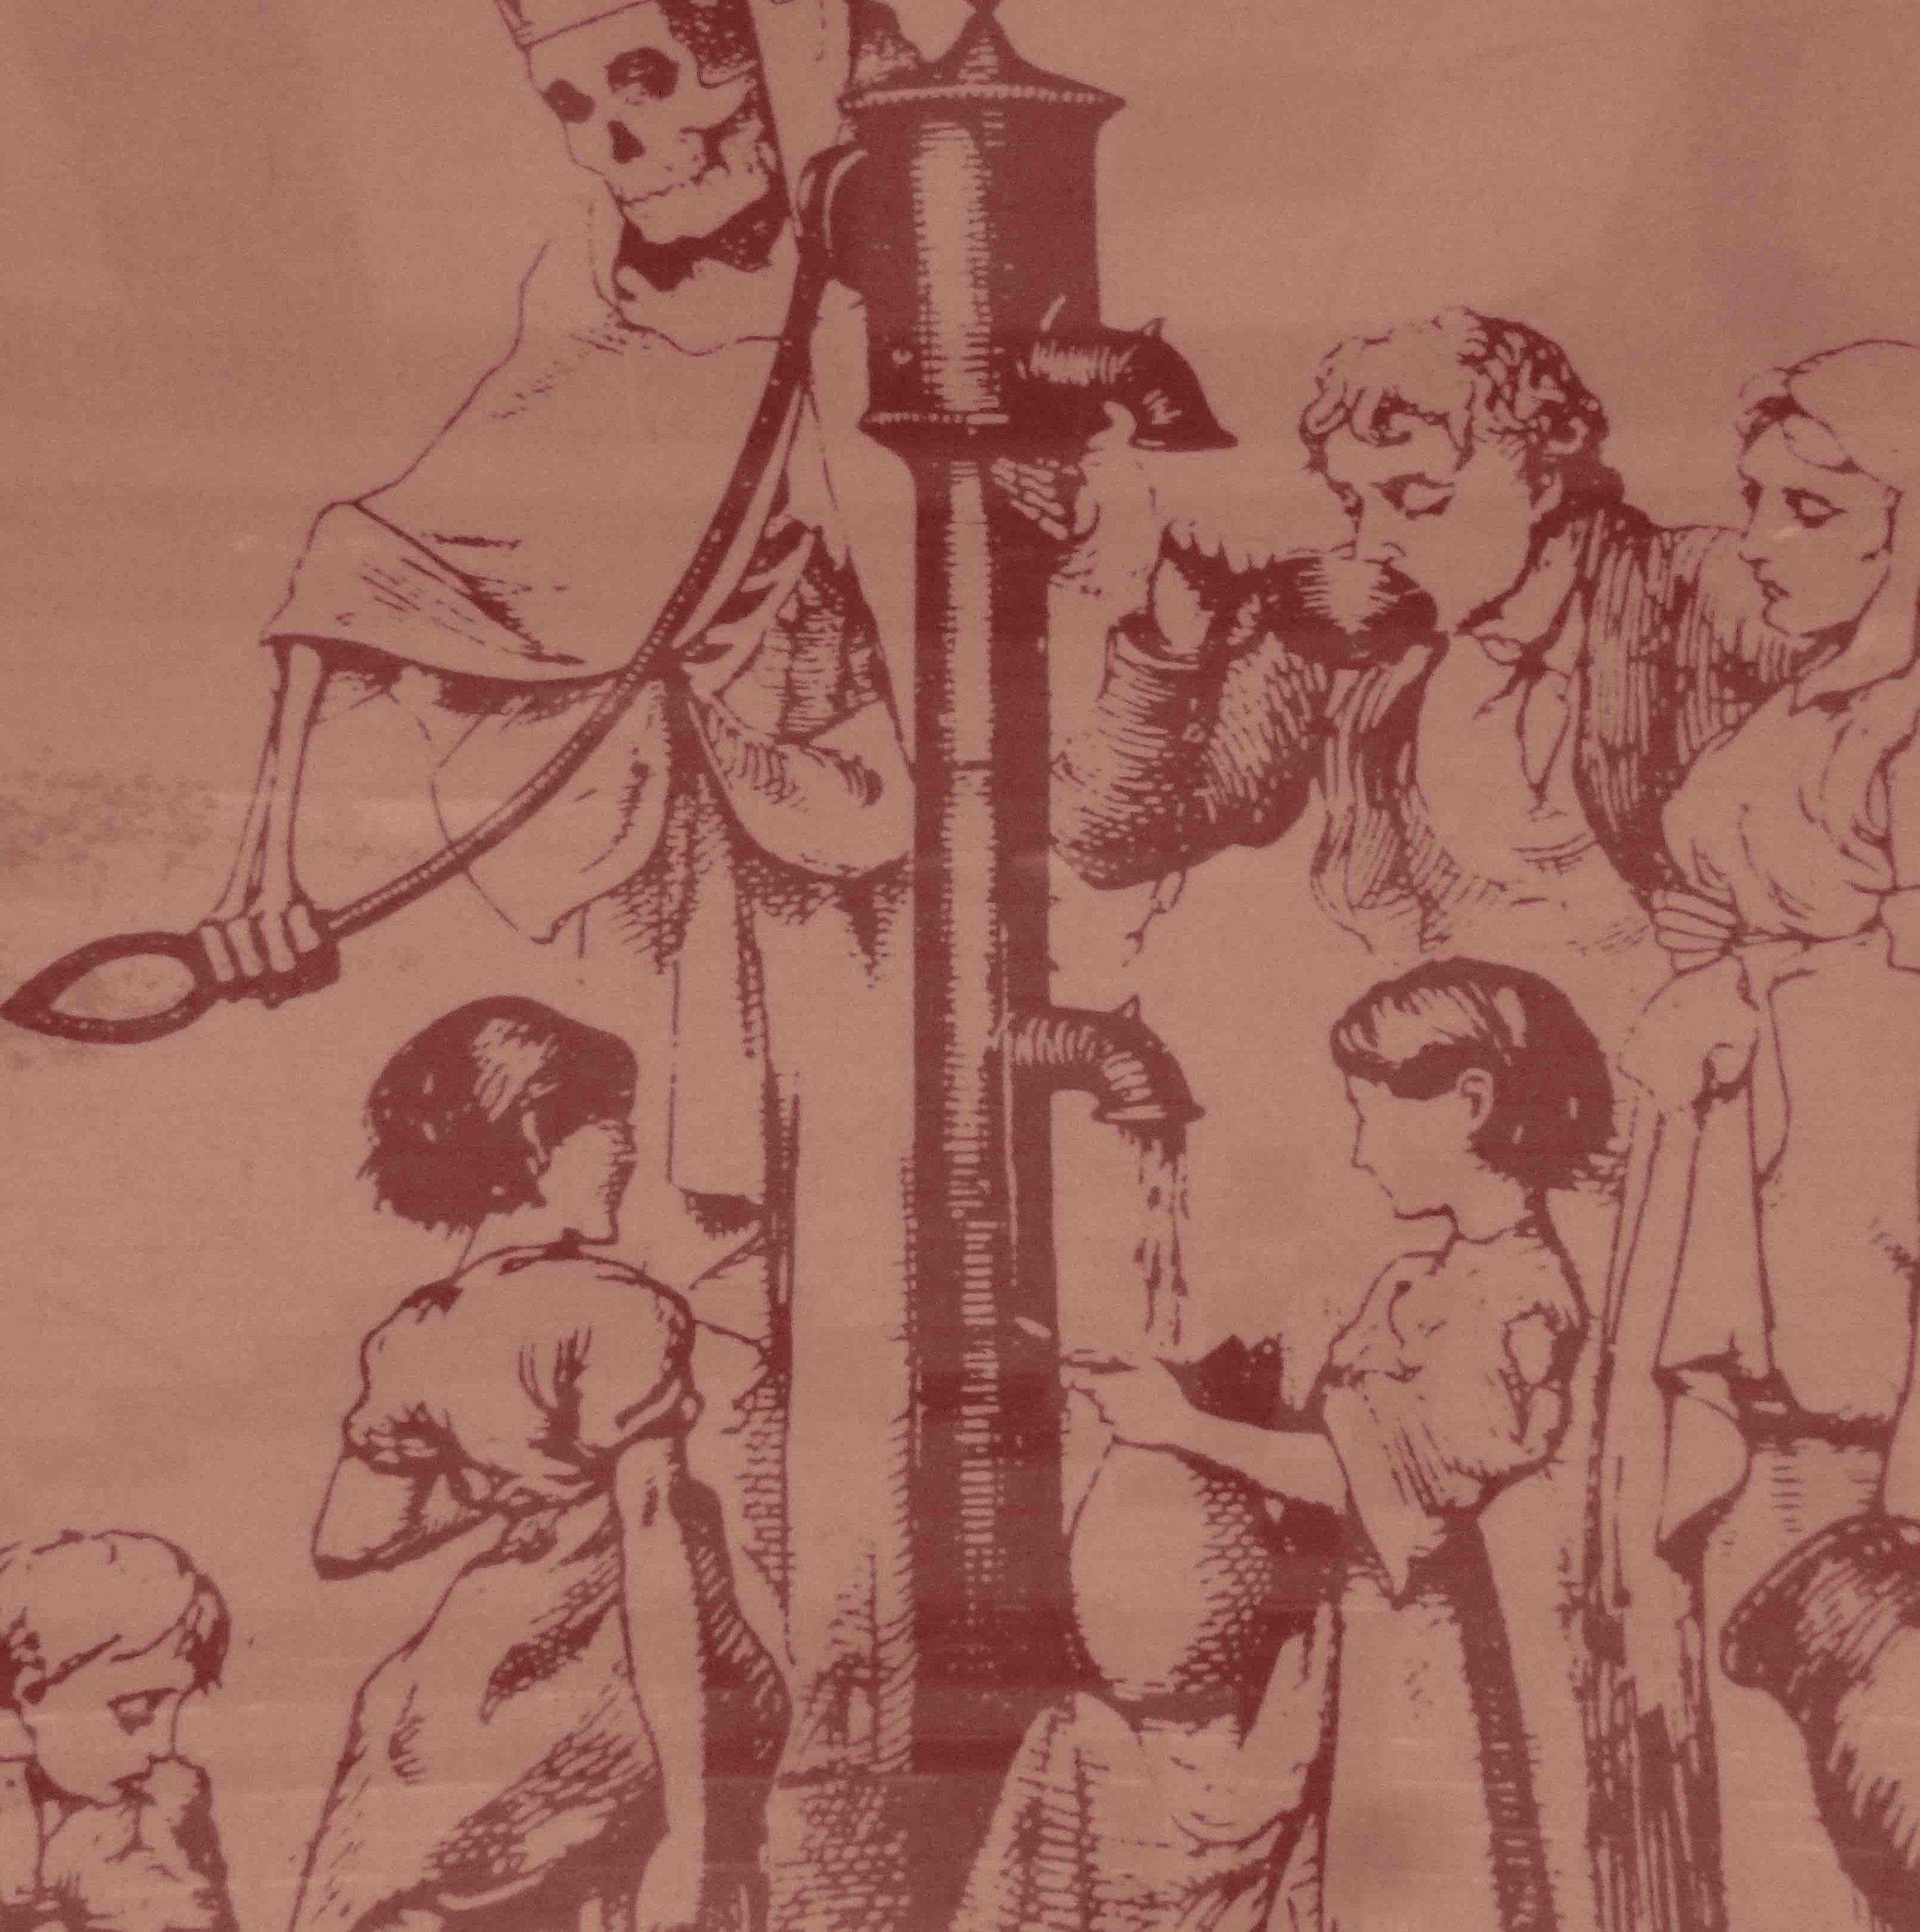 C'est un médecin anglais John Snow qui montre aux européens le lien entre le choléra et la consommation d'eau polluée, dans les années 1850.